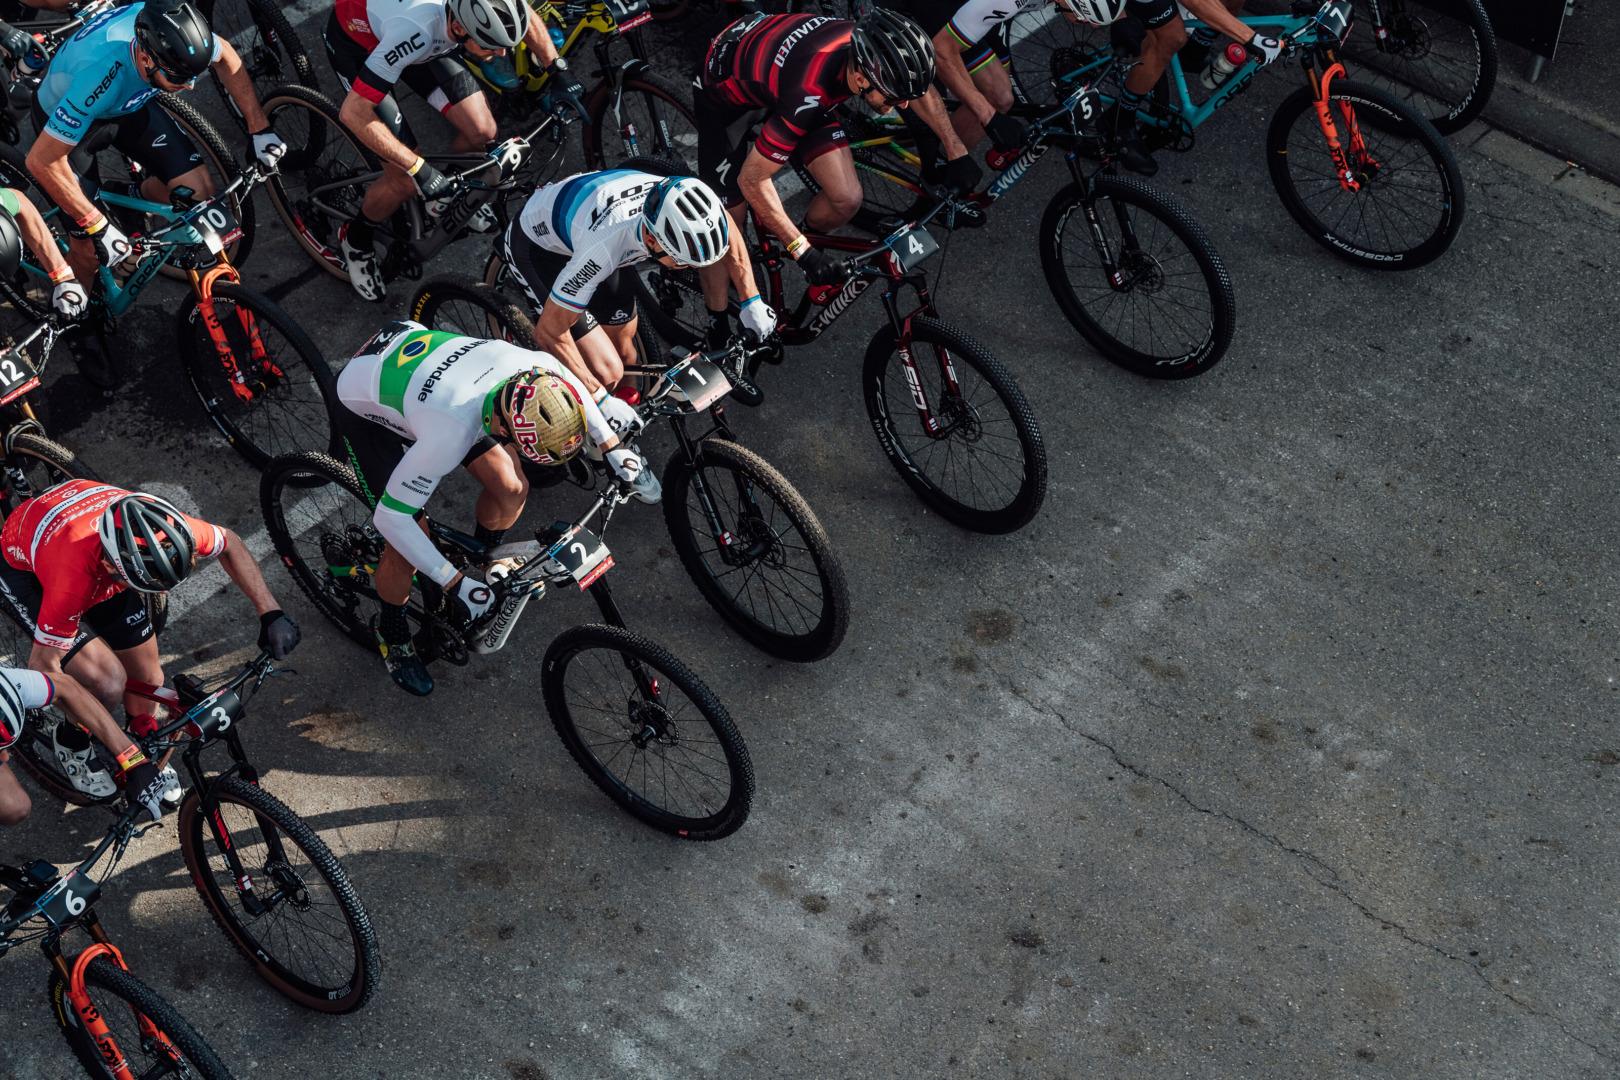 Przegapiłeś transmisję short track (XCC)? Nic straconego! | Puchar Świata MTB XCO, Albstadt